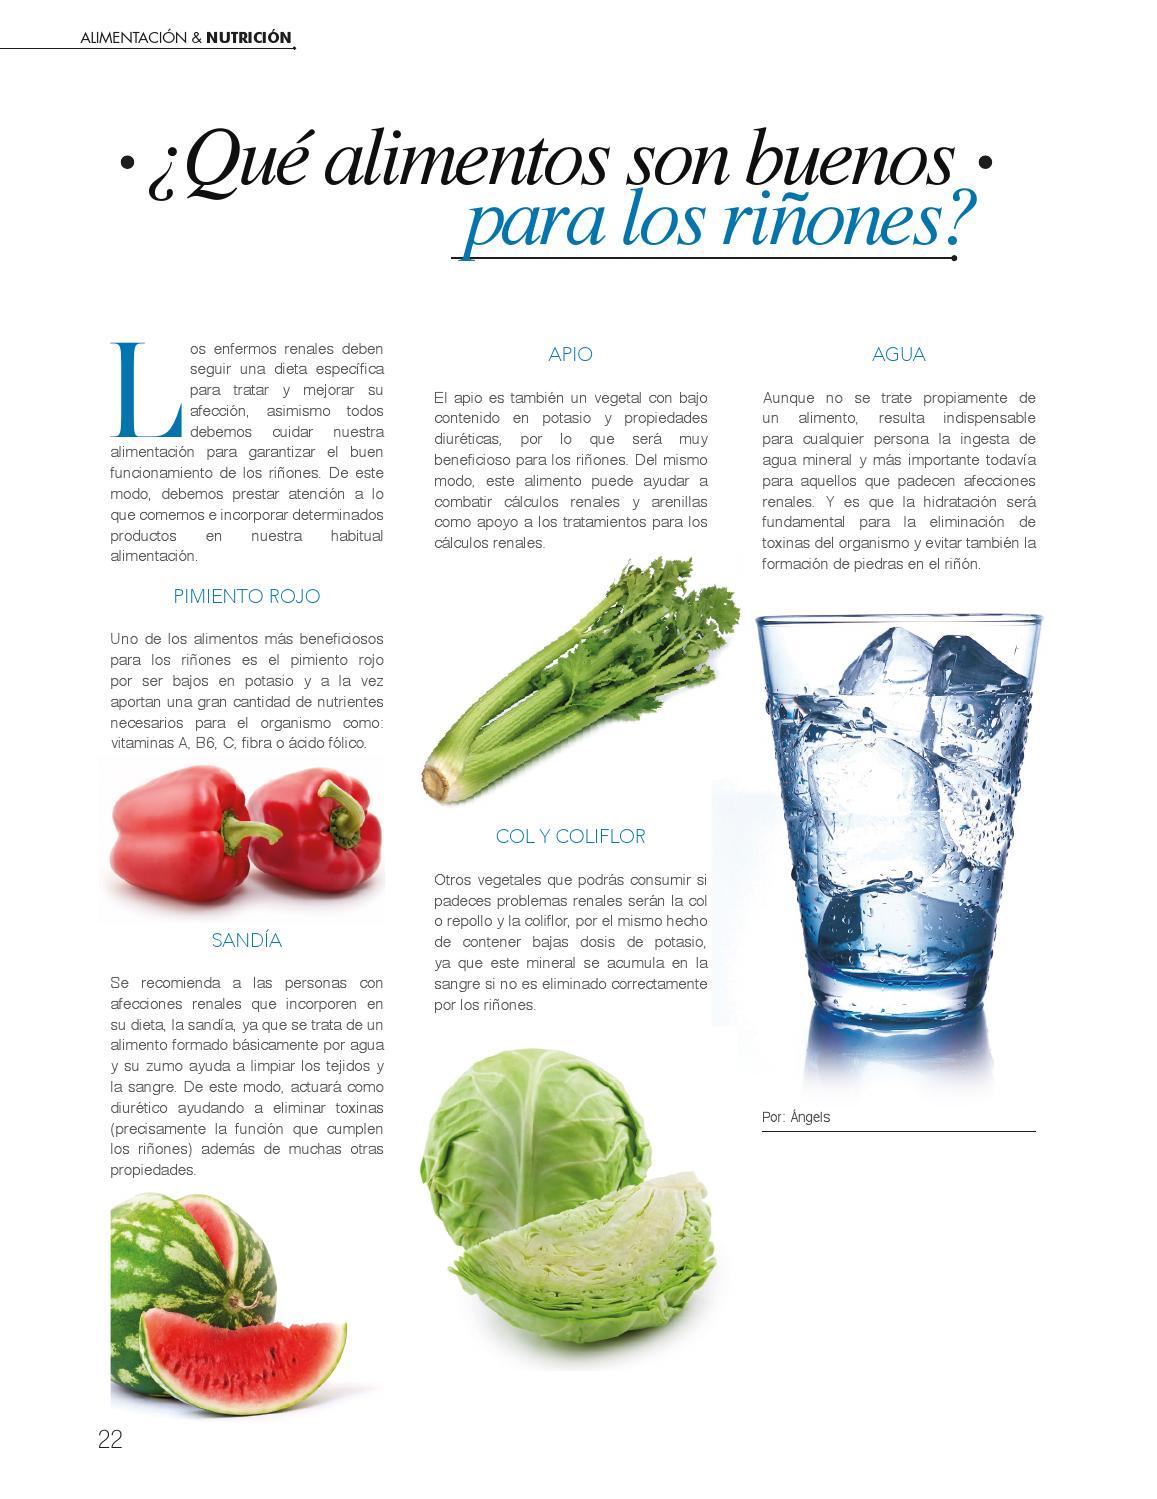 Alimentos para problemas renales